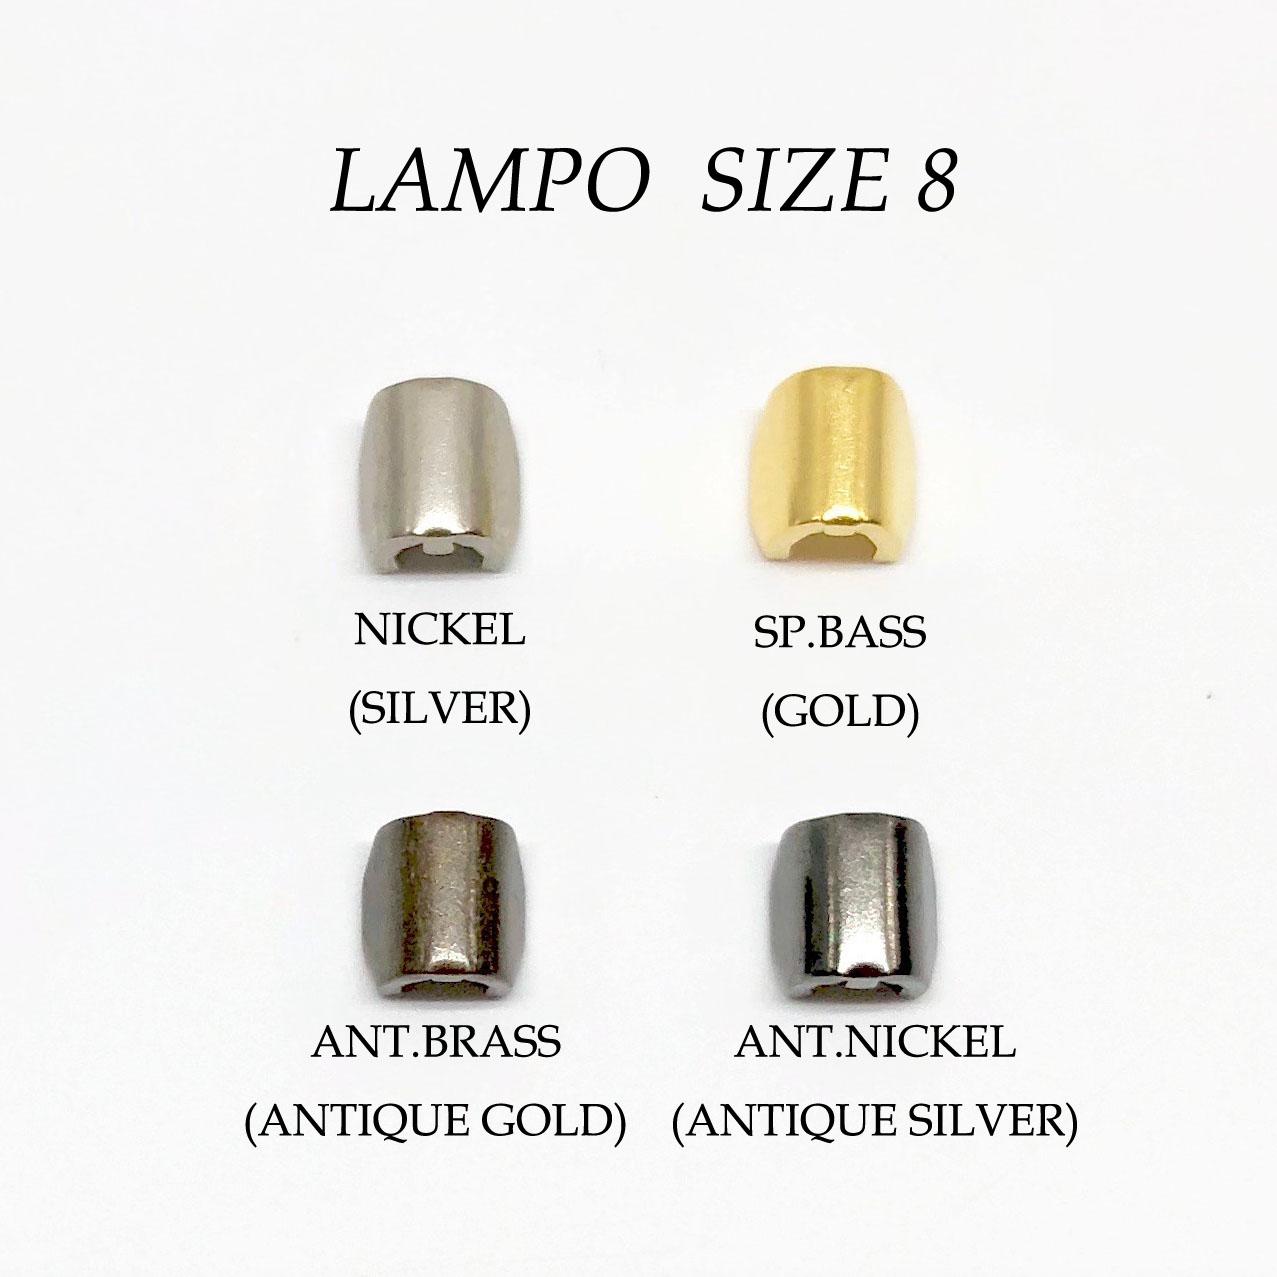 183S スーパーランポファスナー 上止 サイズ8専用 LAMPO(GIOVANNI LANFRANCHI SPA)/オークラ商事 - ApparelX アパレル資材卸通販